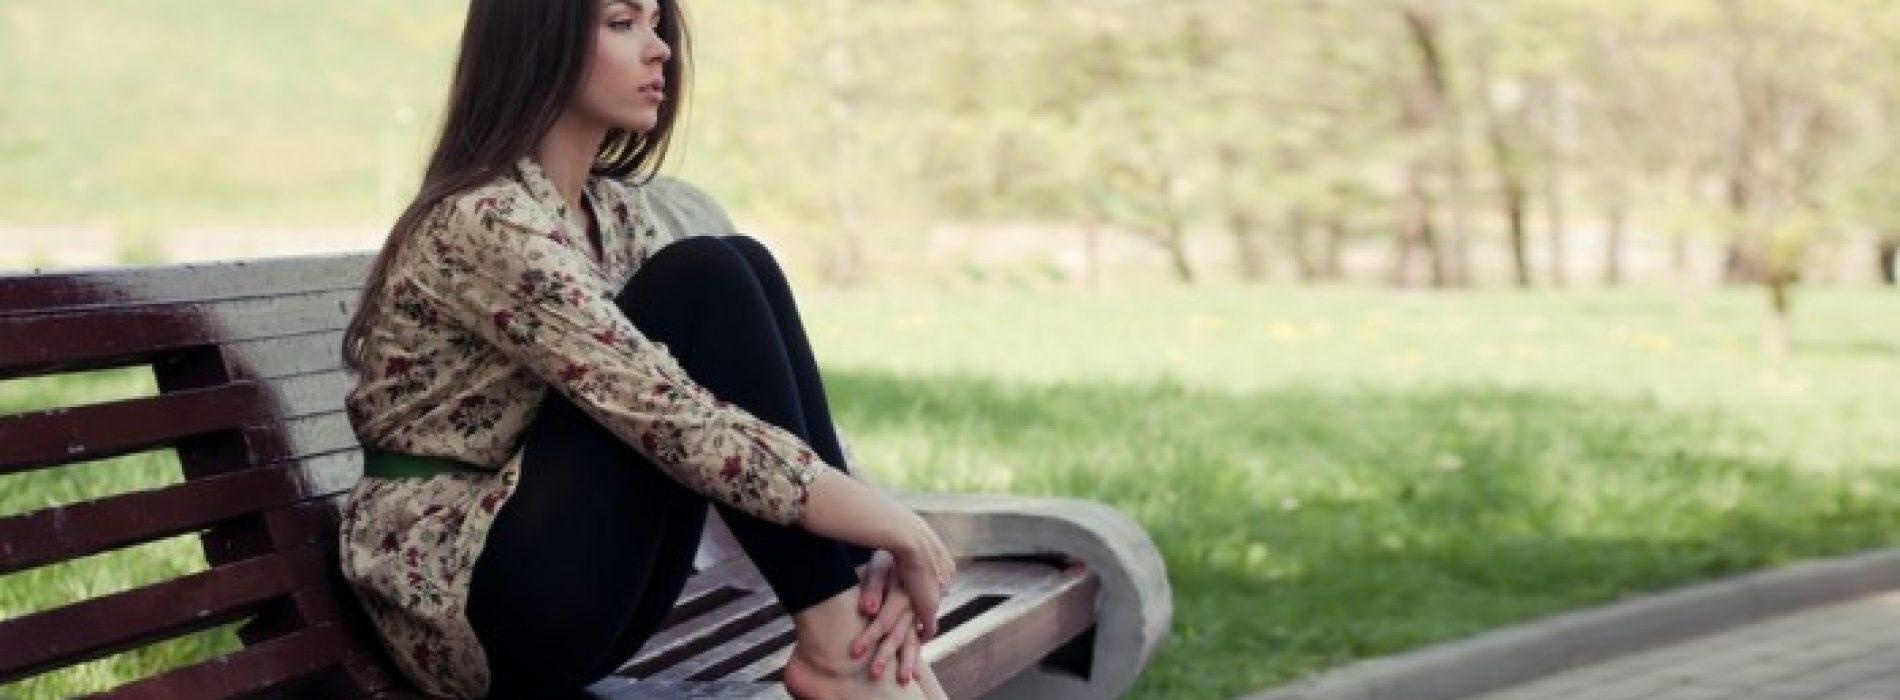 6 tekenen dat je blij bent alleen te zijn